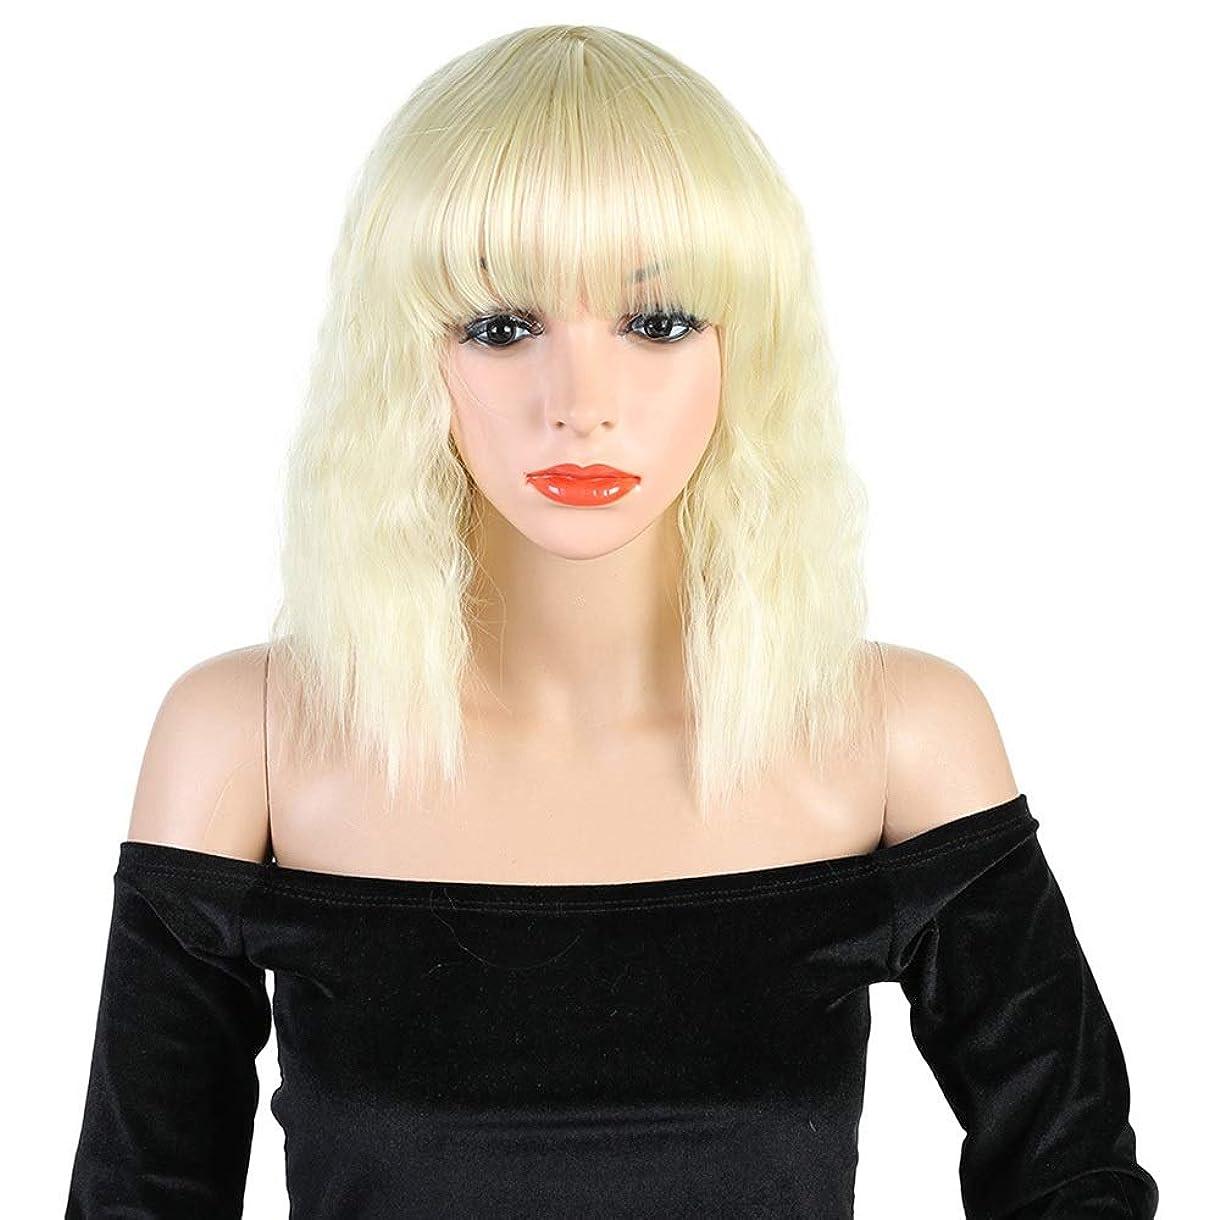 囚人不良品歴史的YAHONGOE 女性のためのボブウィッグ中央部オンブルブロンドかつらショートボブ髪かつら高品質14インチパーティーかつら (色 : Blonde)